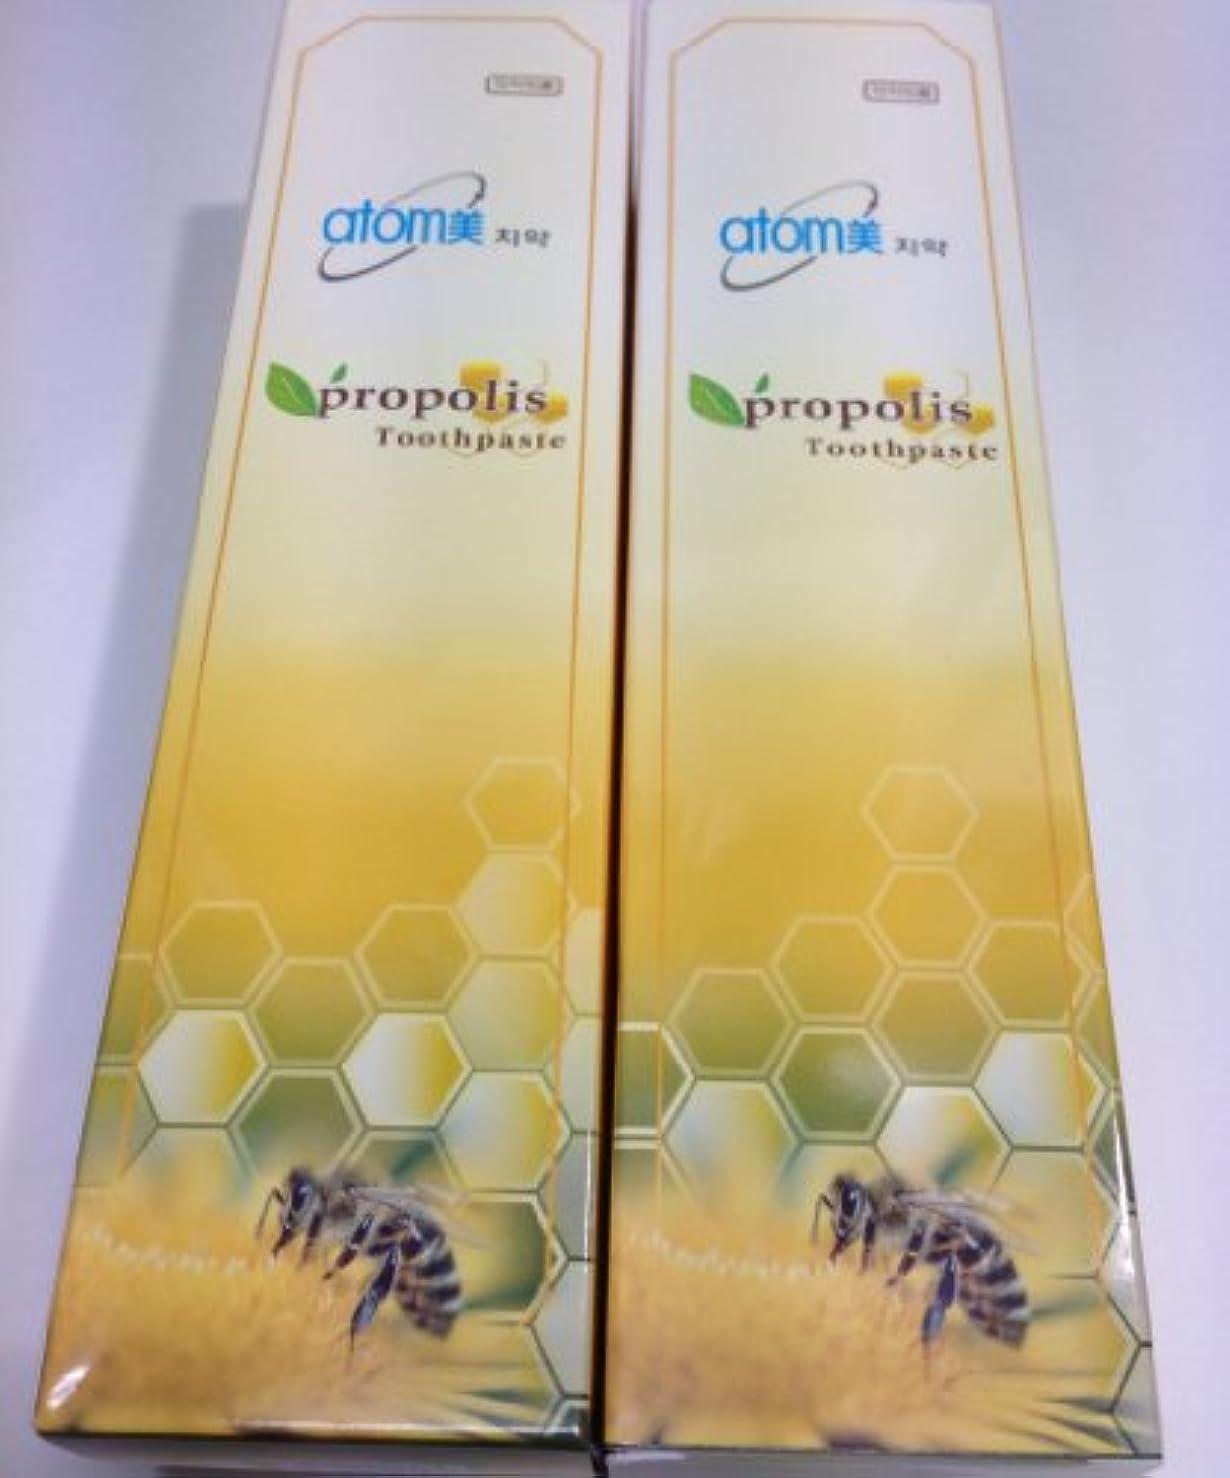 克服するぼんやりした打ち上げるアトミ化粧品 アトミ 歯ミガキ (歯磨き粉) 200g 2本セット 並行輸入品